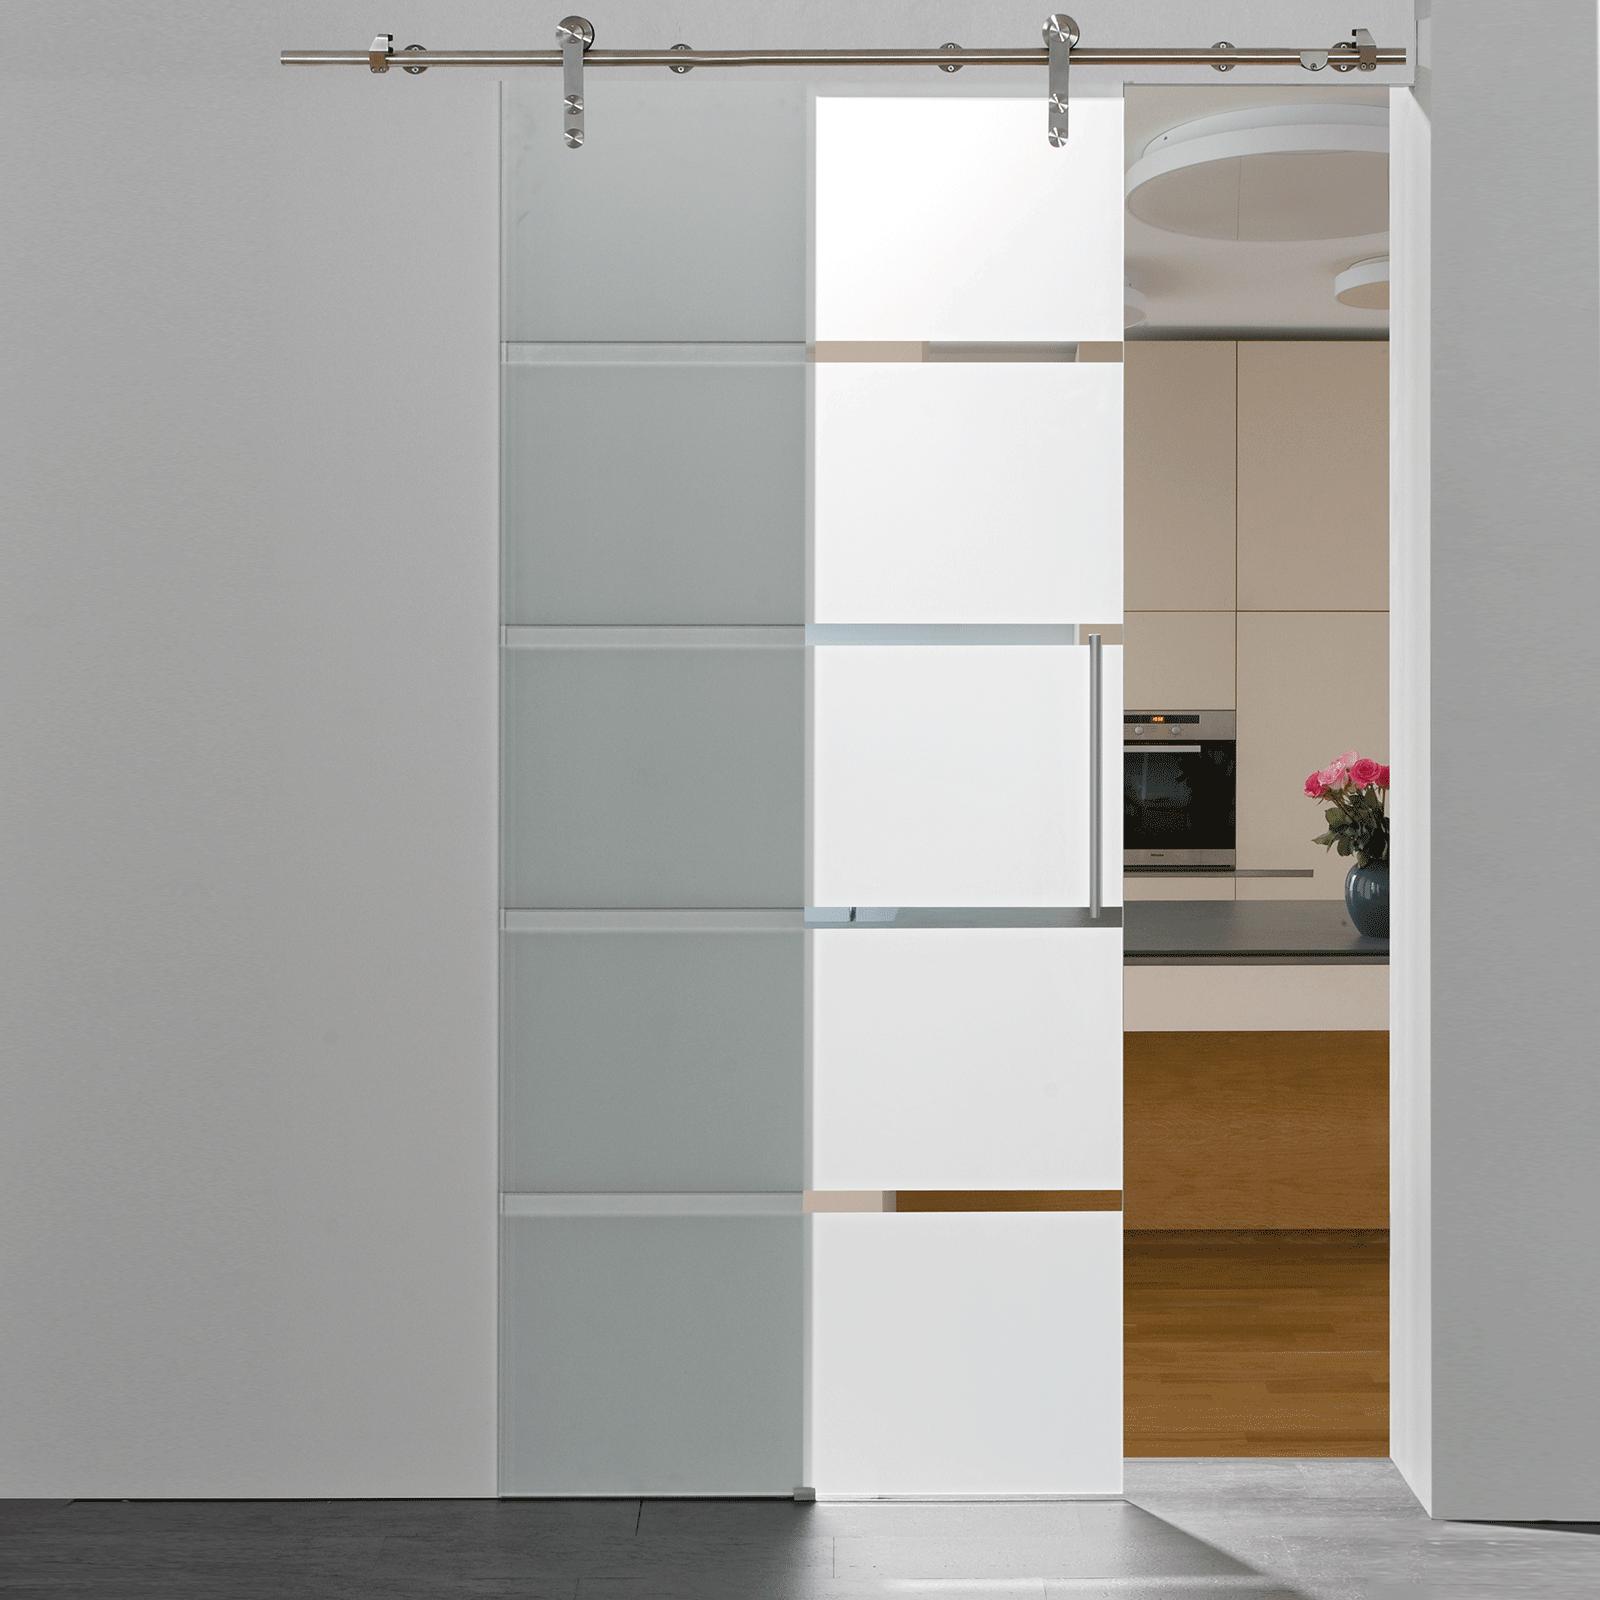 schiebet r glasschiebet r 900x2080 t r blockstreifen glast r zimmert r. Black Bedroom Furniture Sets. Home Design Ideas